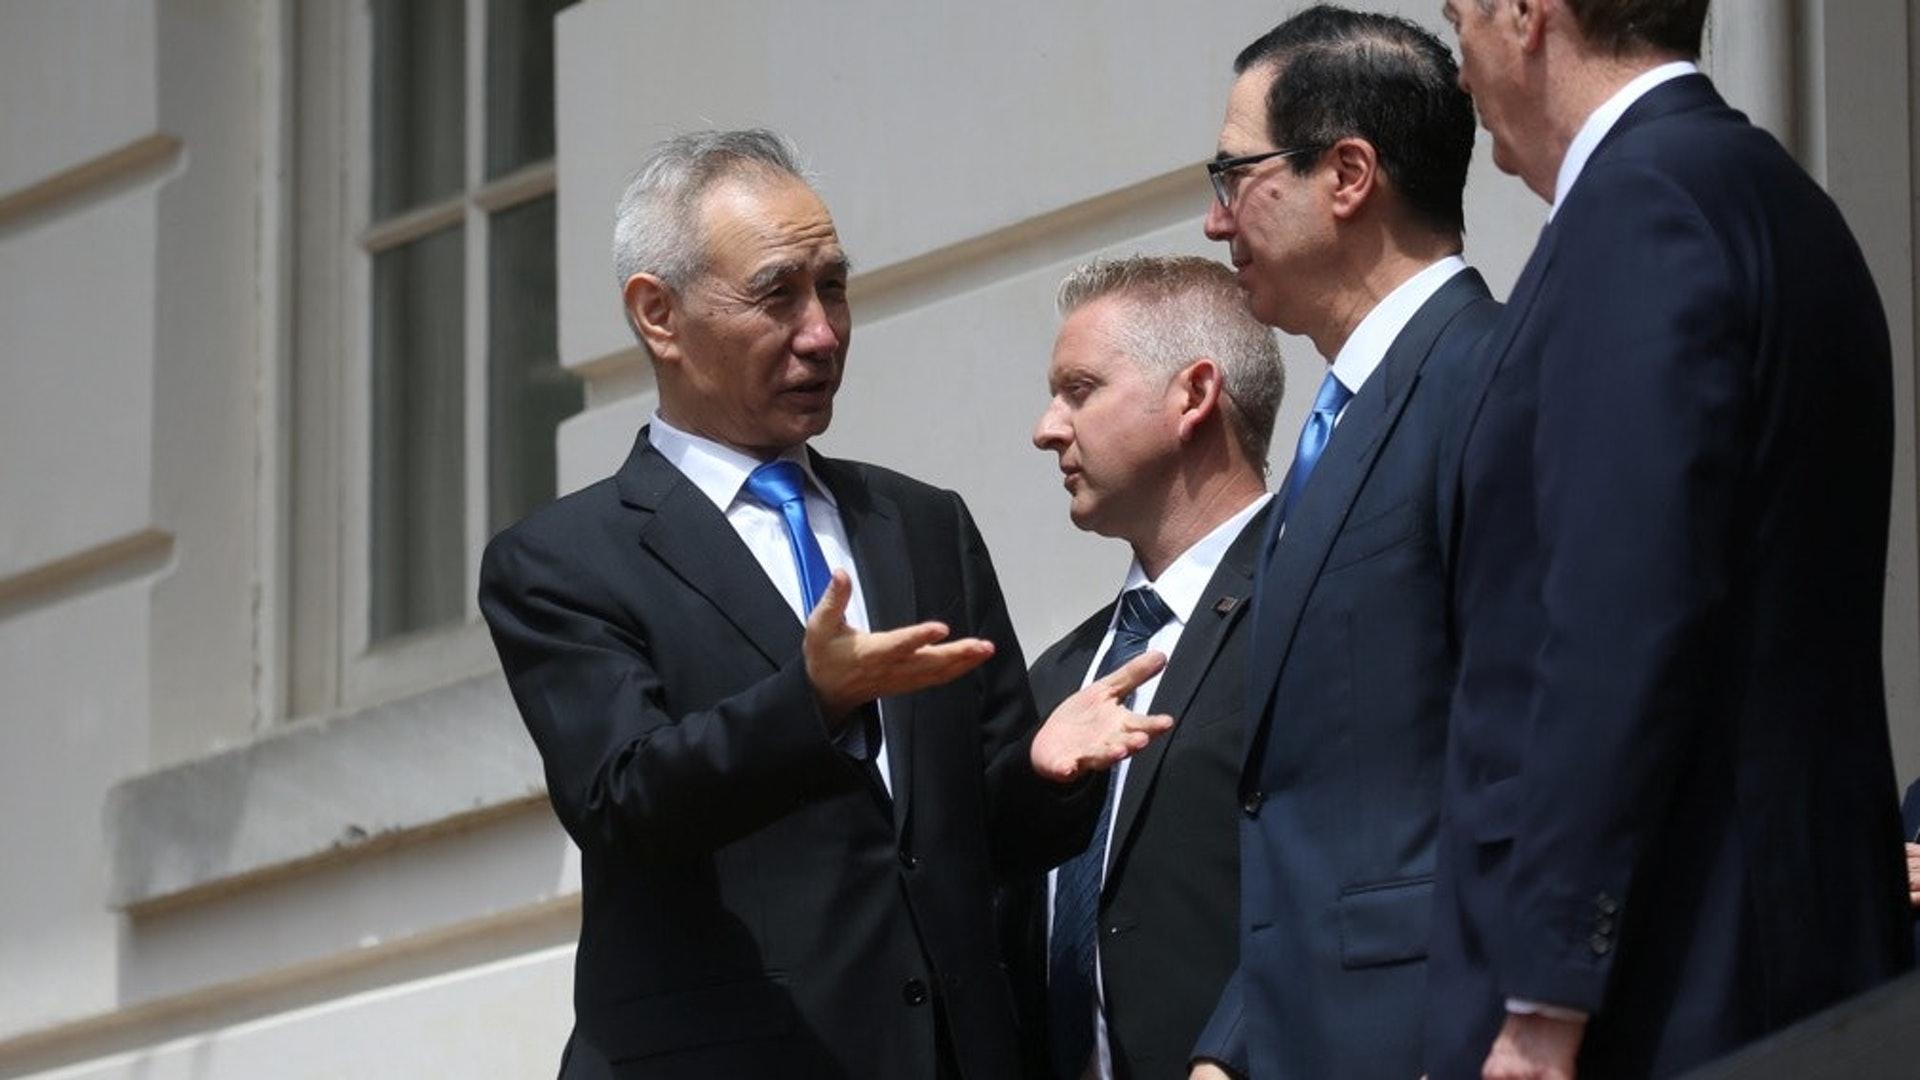 中美原计划于9月份在华盛顿举行新一轮贸易谈判,但是中美两国代表通话后一致同意,将谈判推迟到10月份举行。